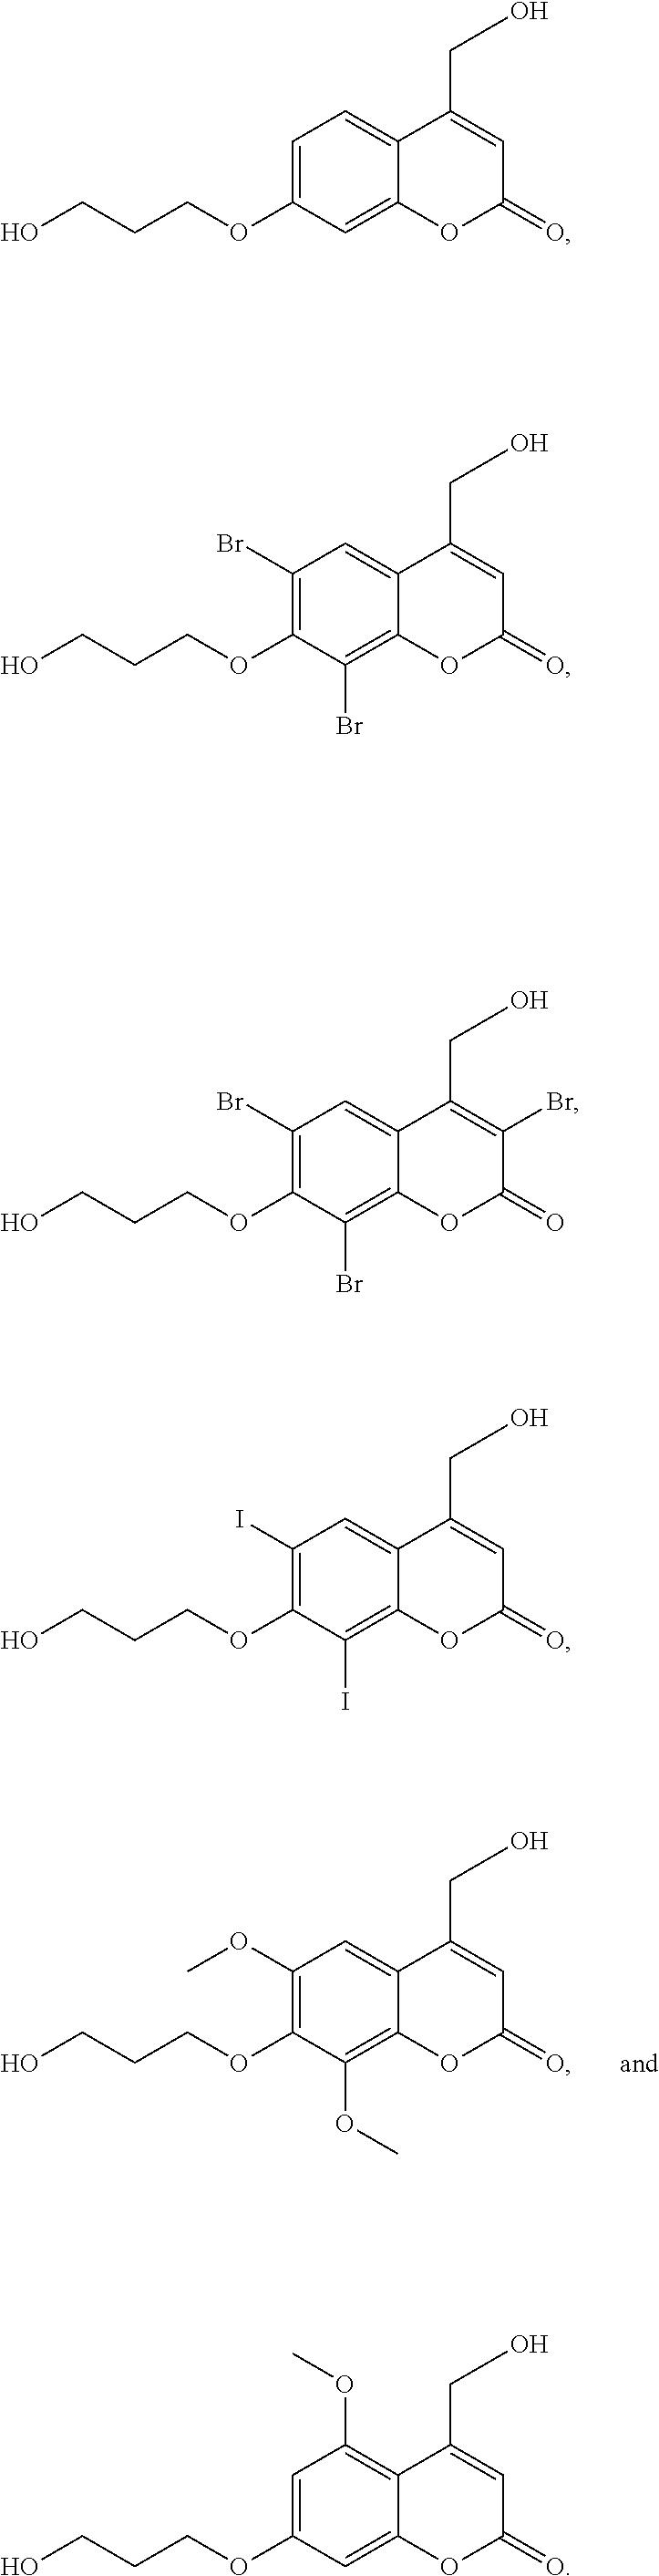 Figure US20150274885A1-20151001-C00012